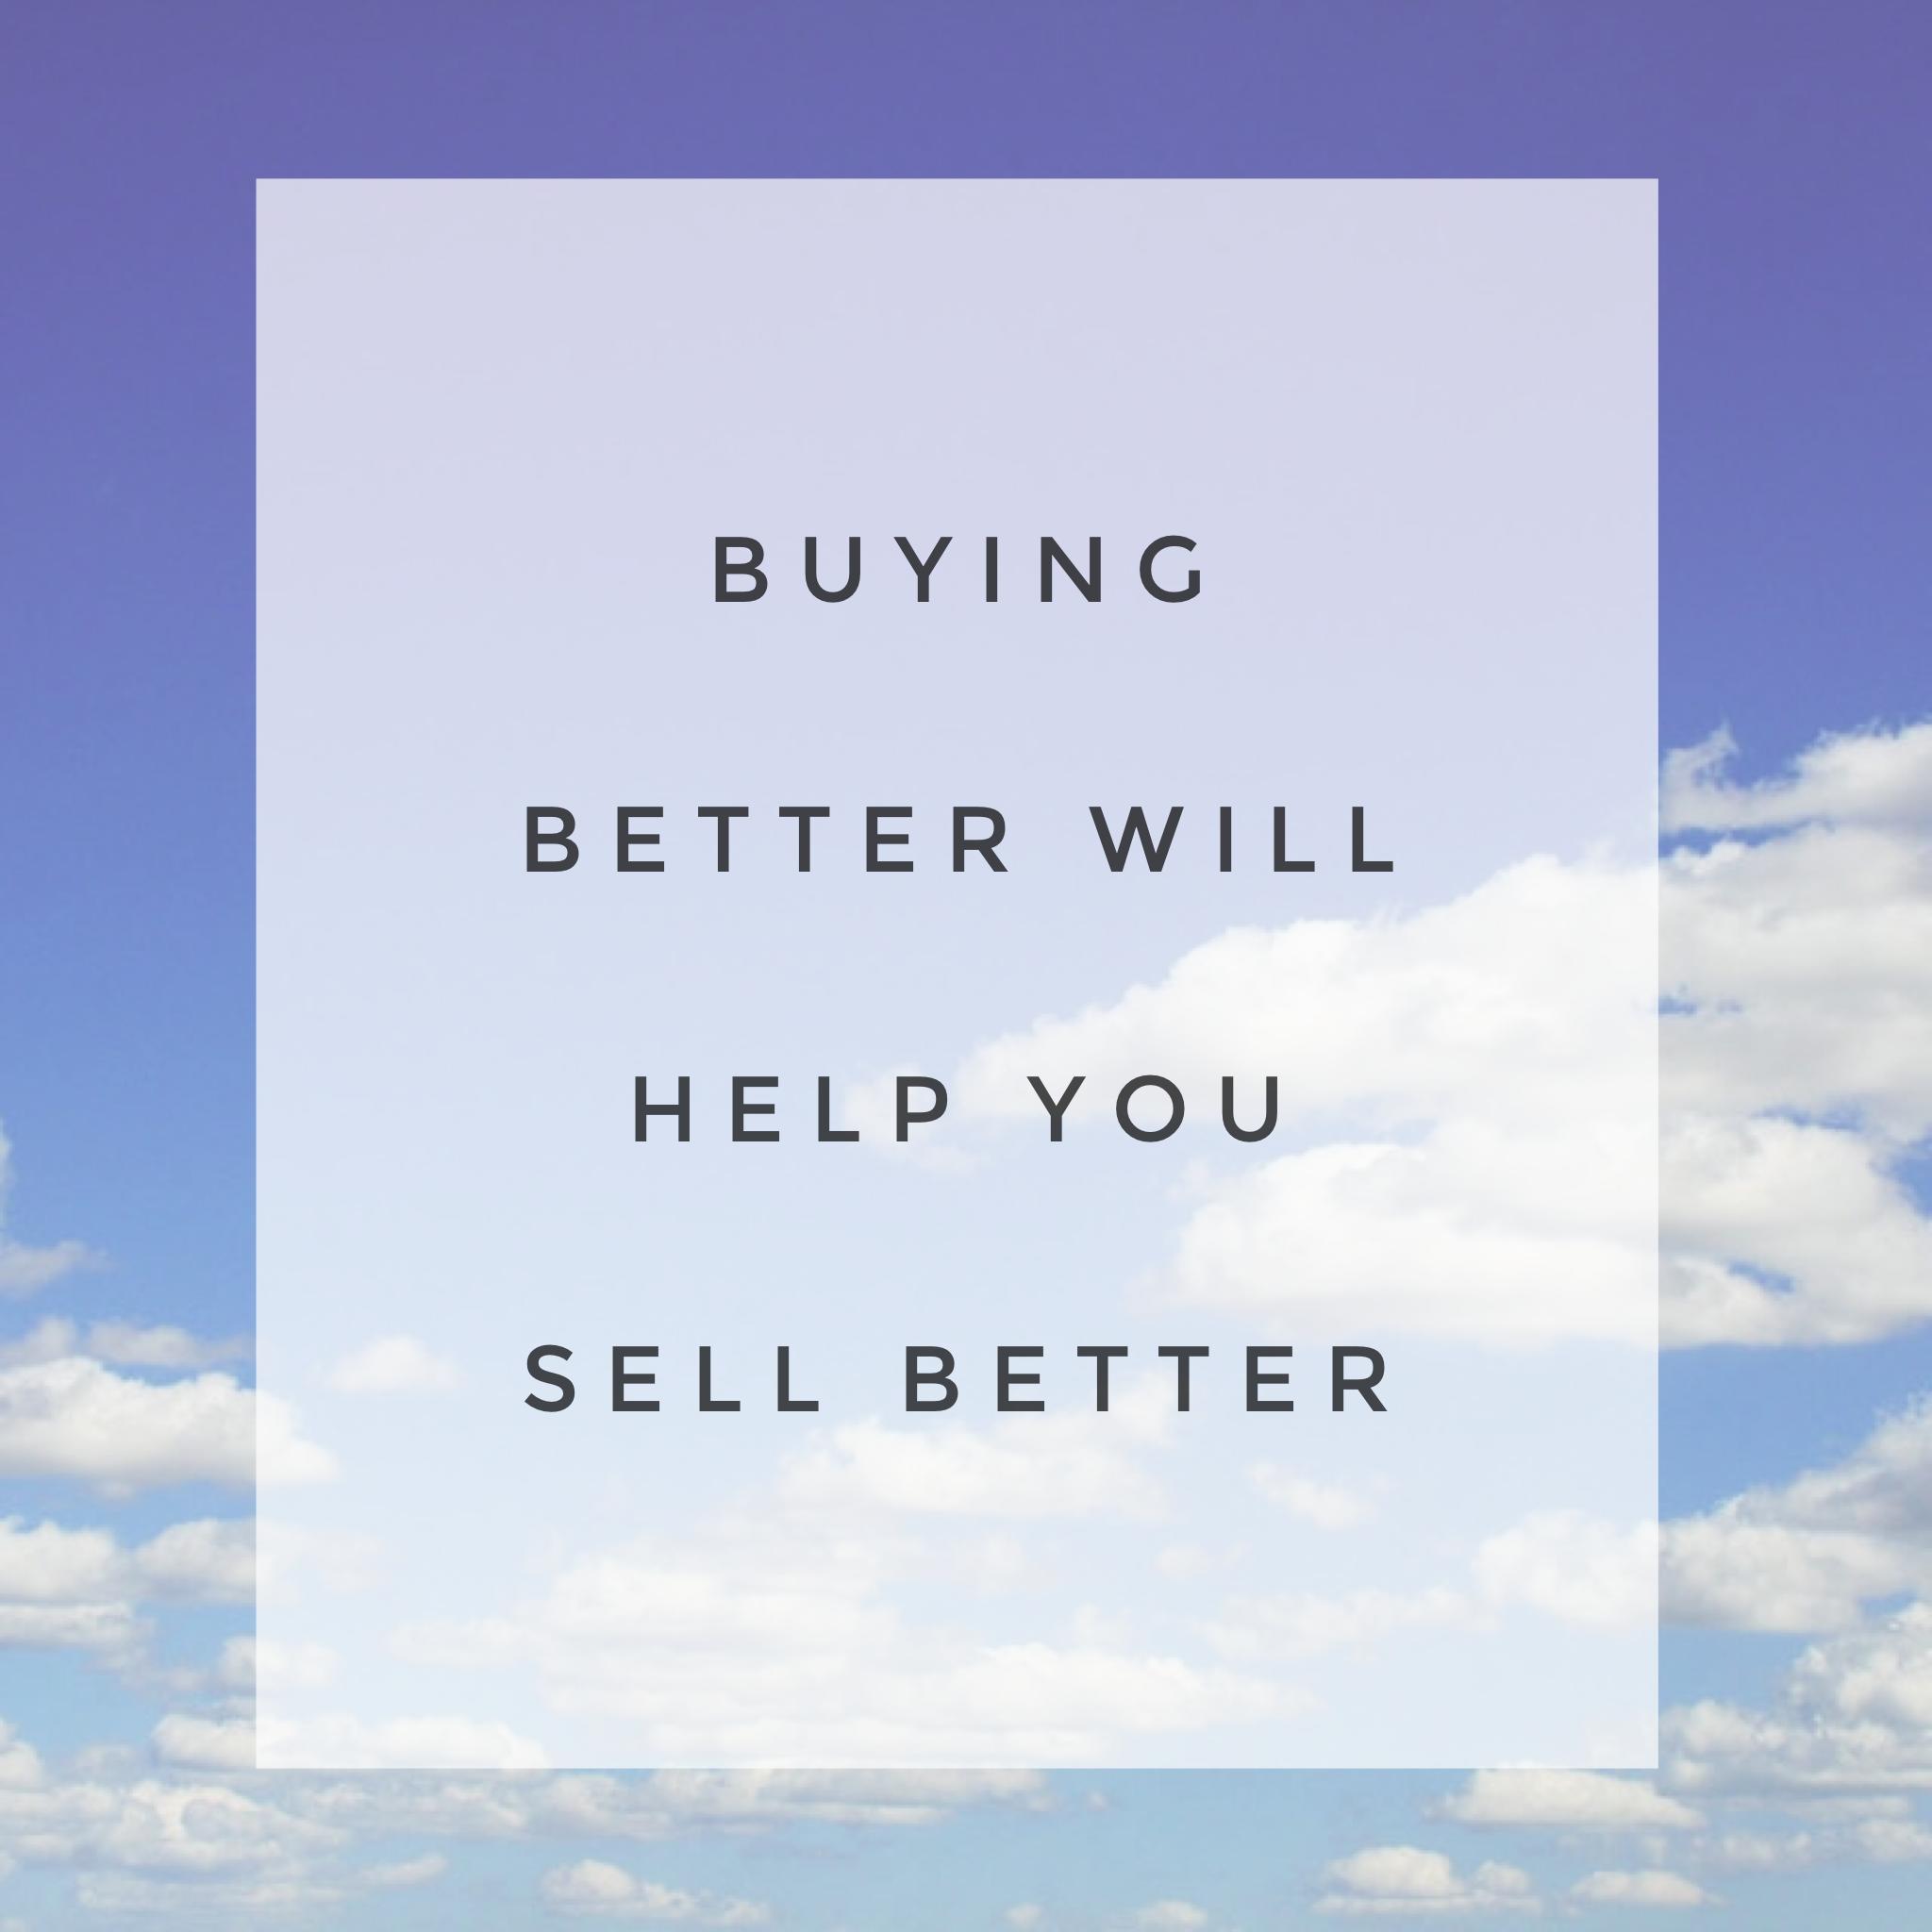 buy-better-sell-better